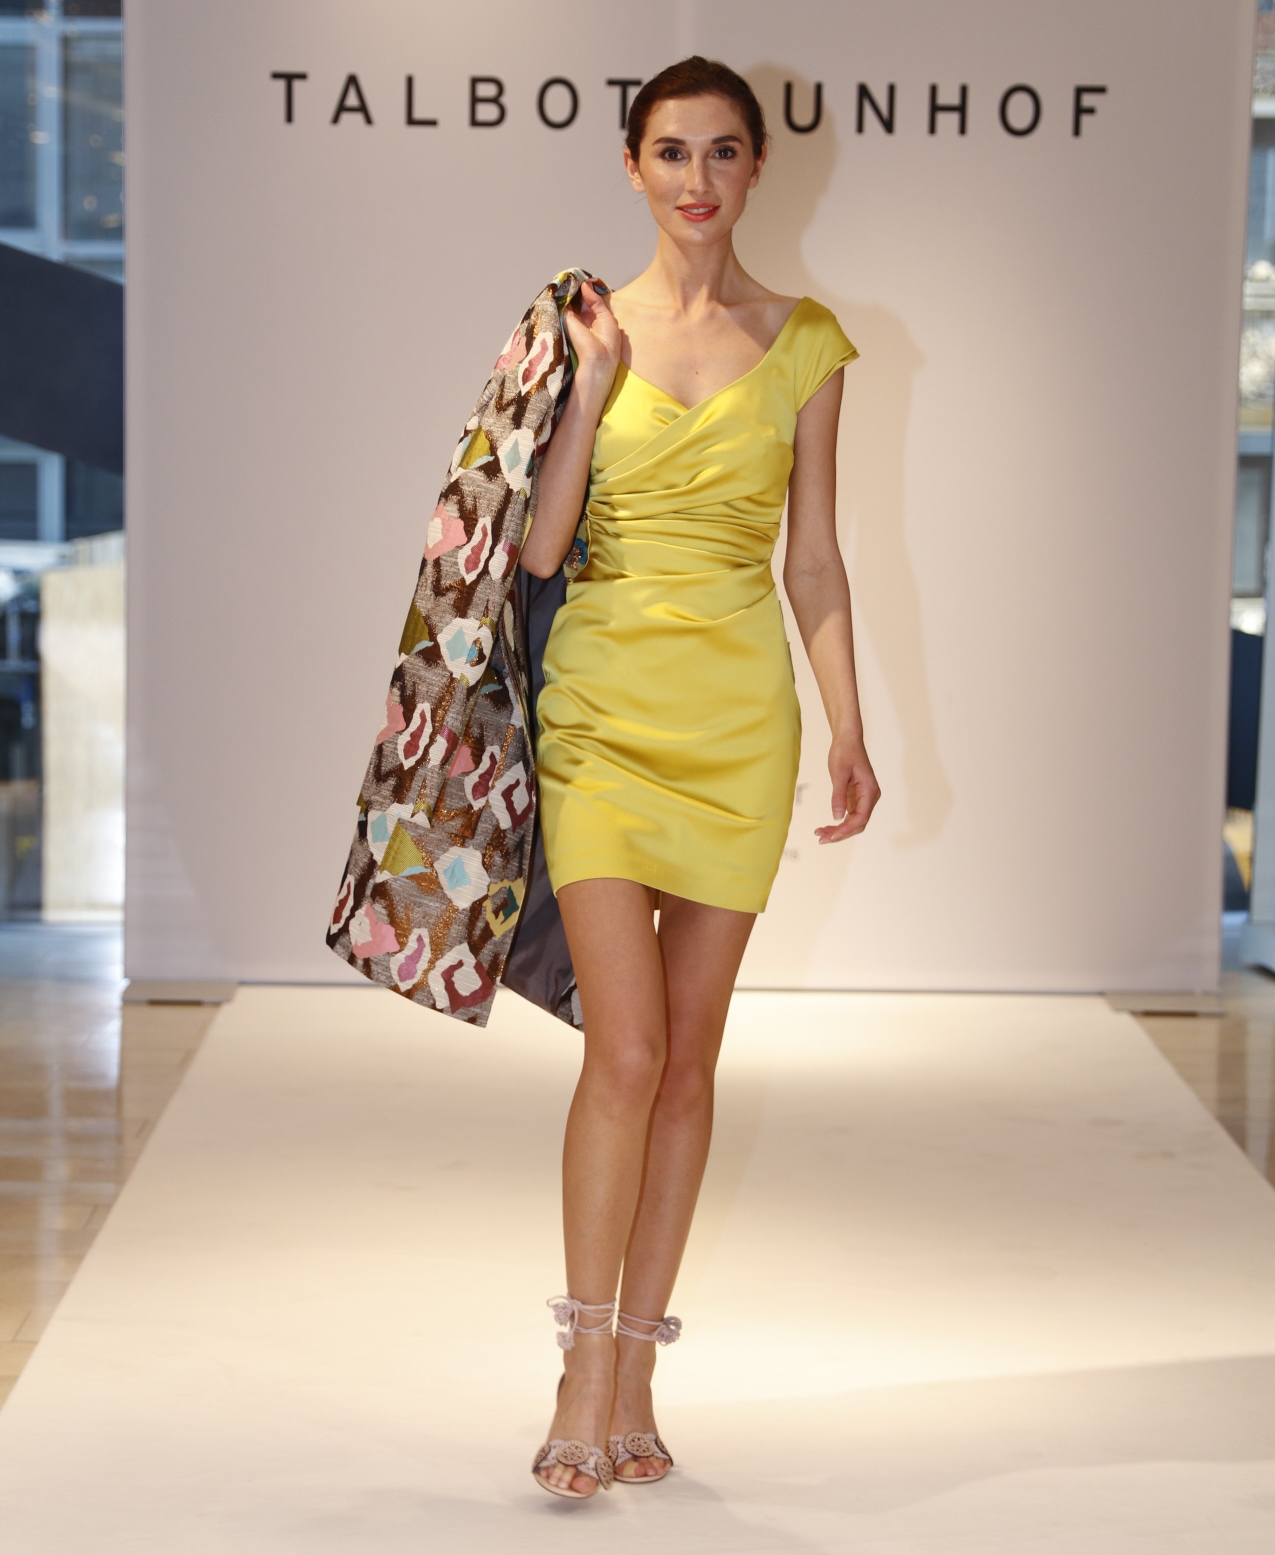 Talbot Runhof Kleid mit Mantel, Talbot Runhog Modenschau, Breuninger Düsseldorf, Fashion-Blog, Lieblingsstil.co,